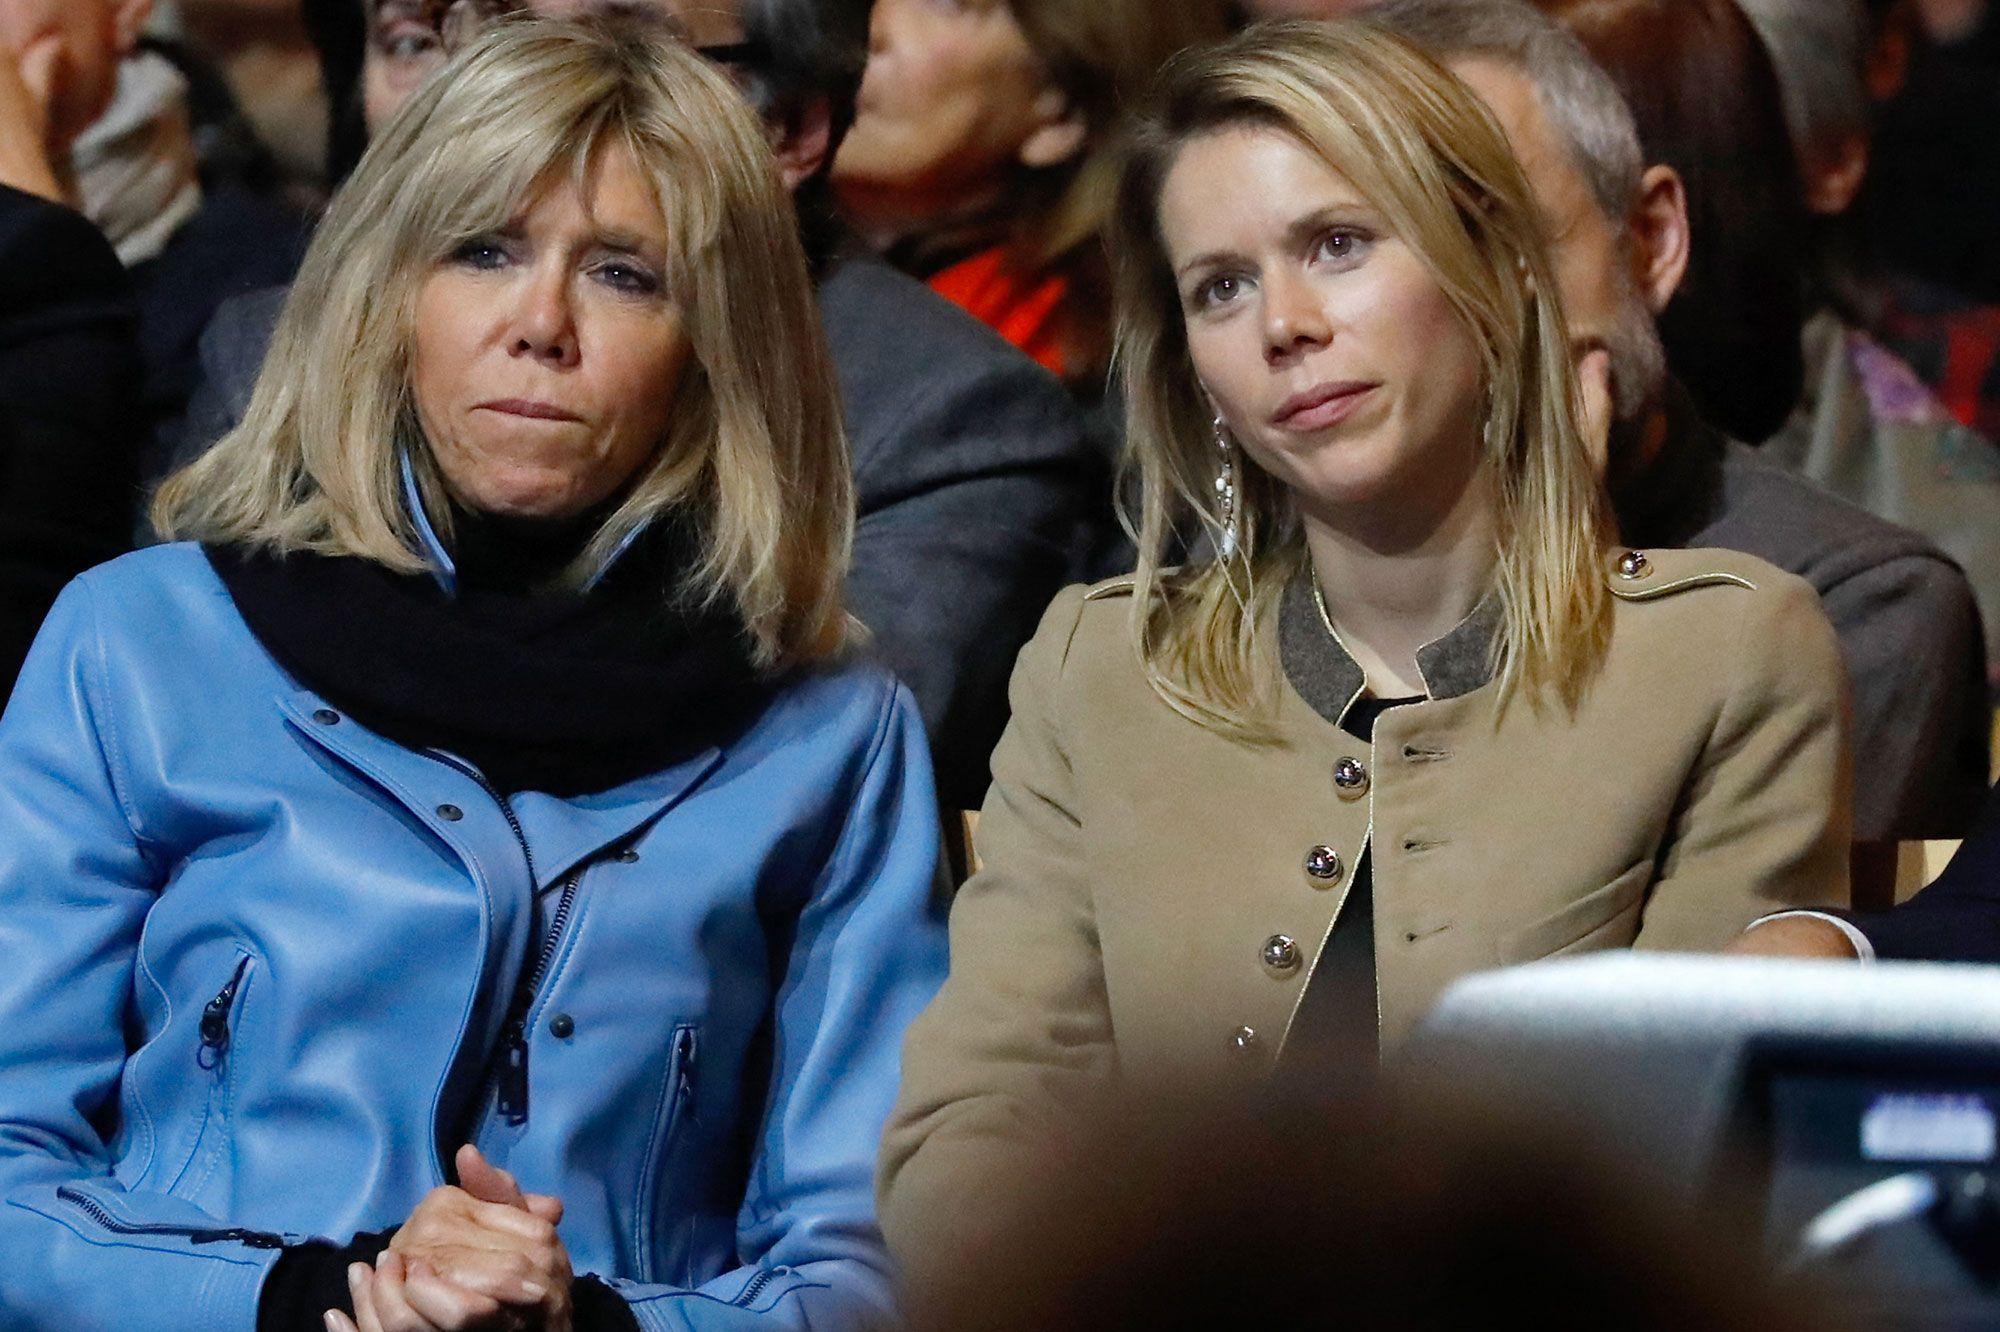 Brigitte Macron Insultee Sur Son Physique Au Bresil Sa Fille Tiphaine Auziere Prend Sa Defense